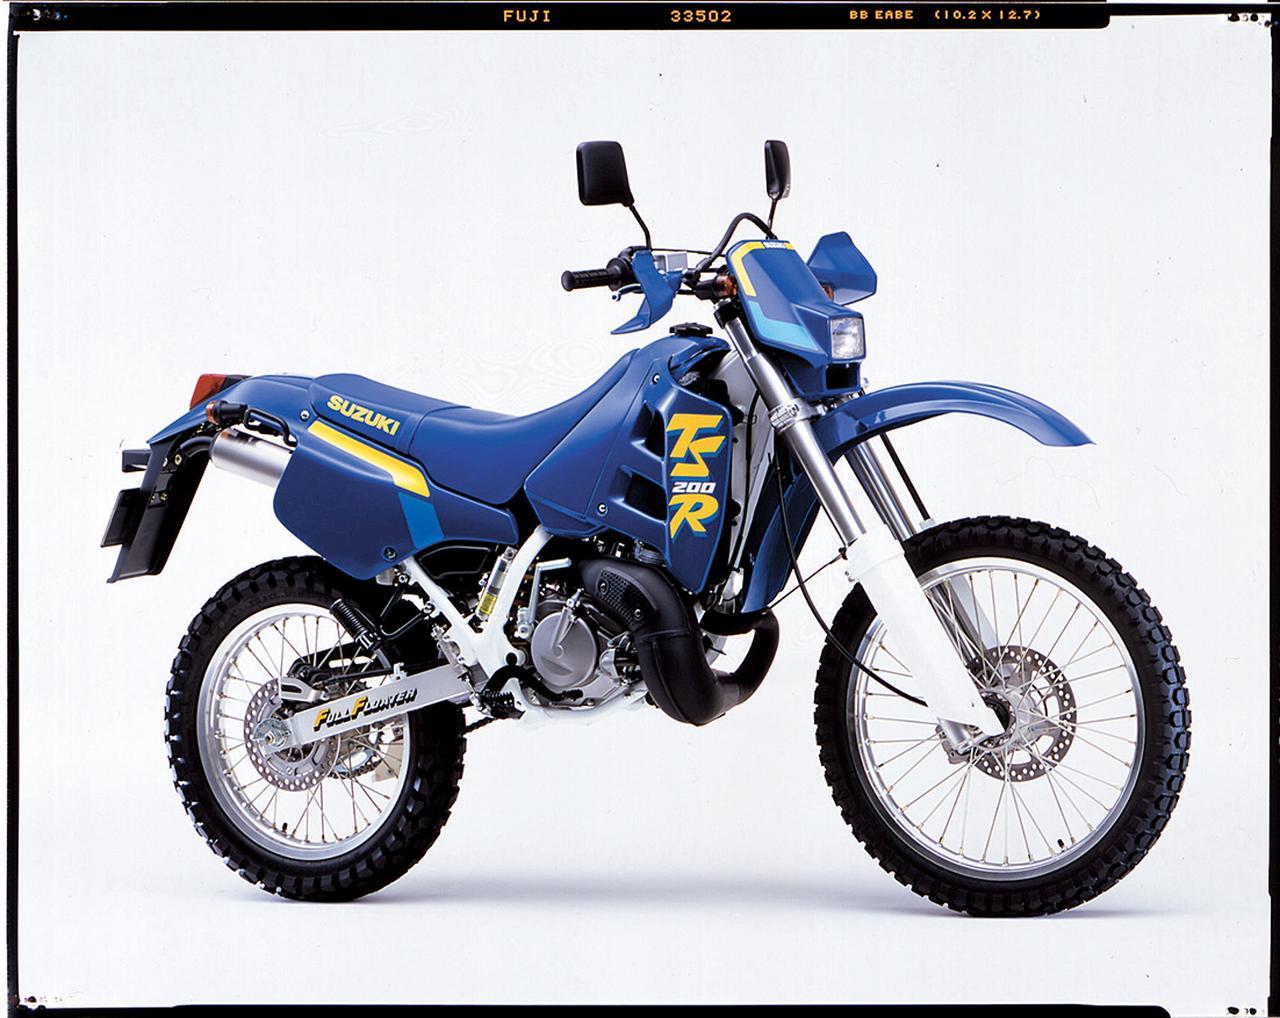 画像: SUZUKI TS200R (1990/2) ●水冷2ストクランクケースリードバルブ単気筒●195cc ●35PS/8500rpm●3.0kg-m/7500rpm●112kg ●3.00-21・4.60-18●39万4000円